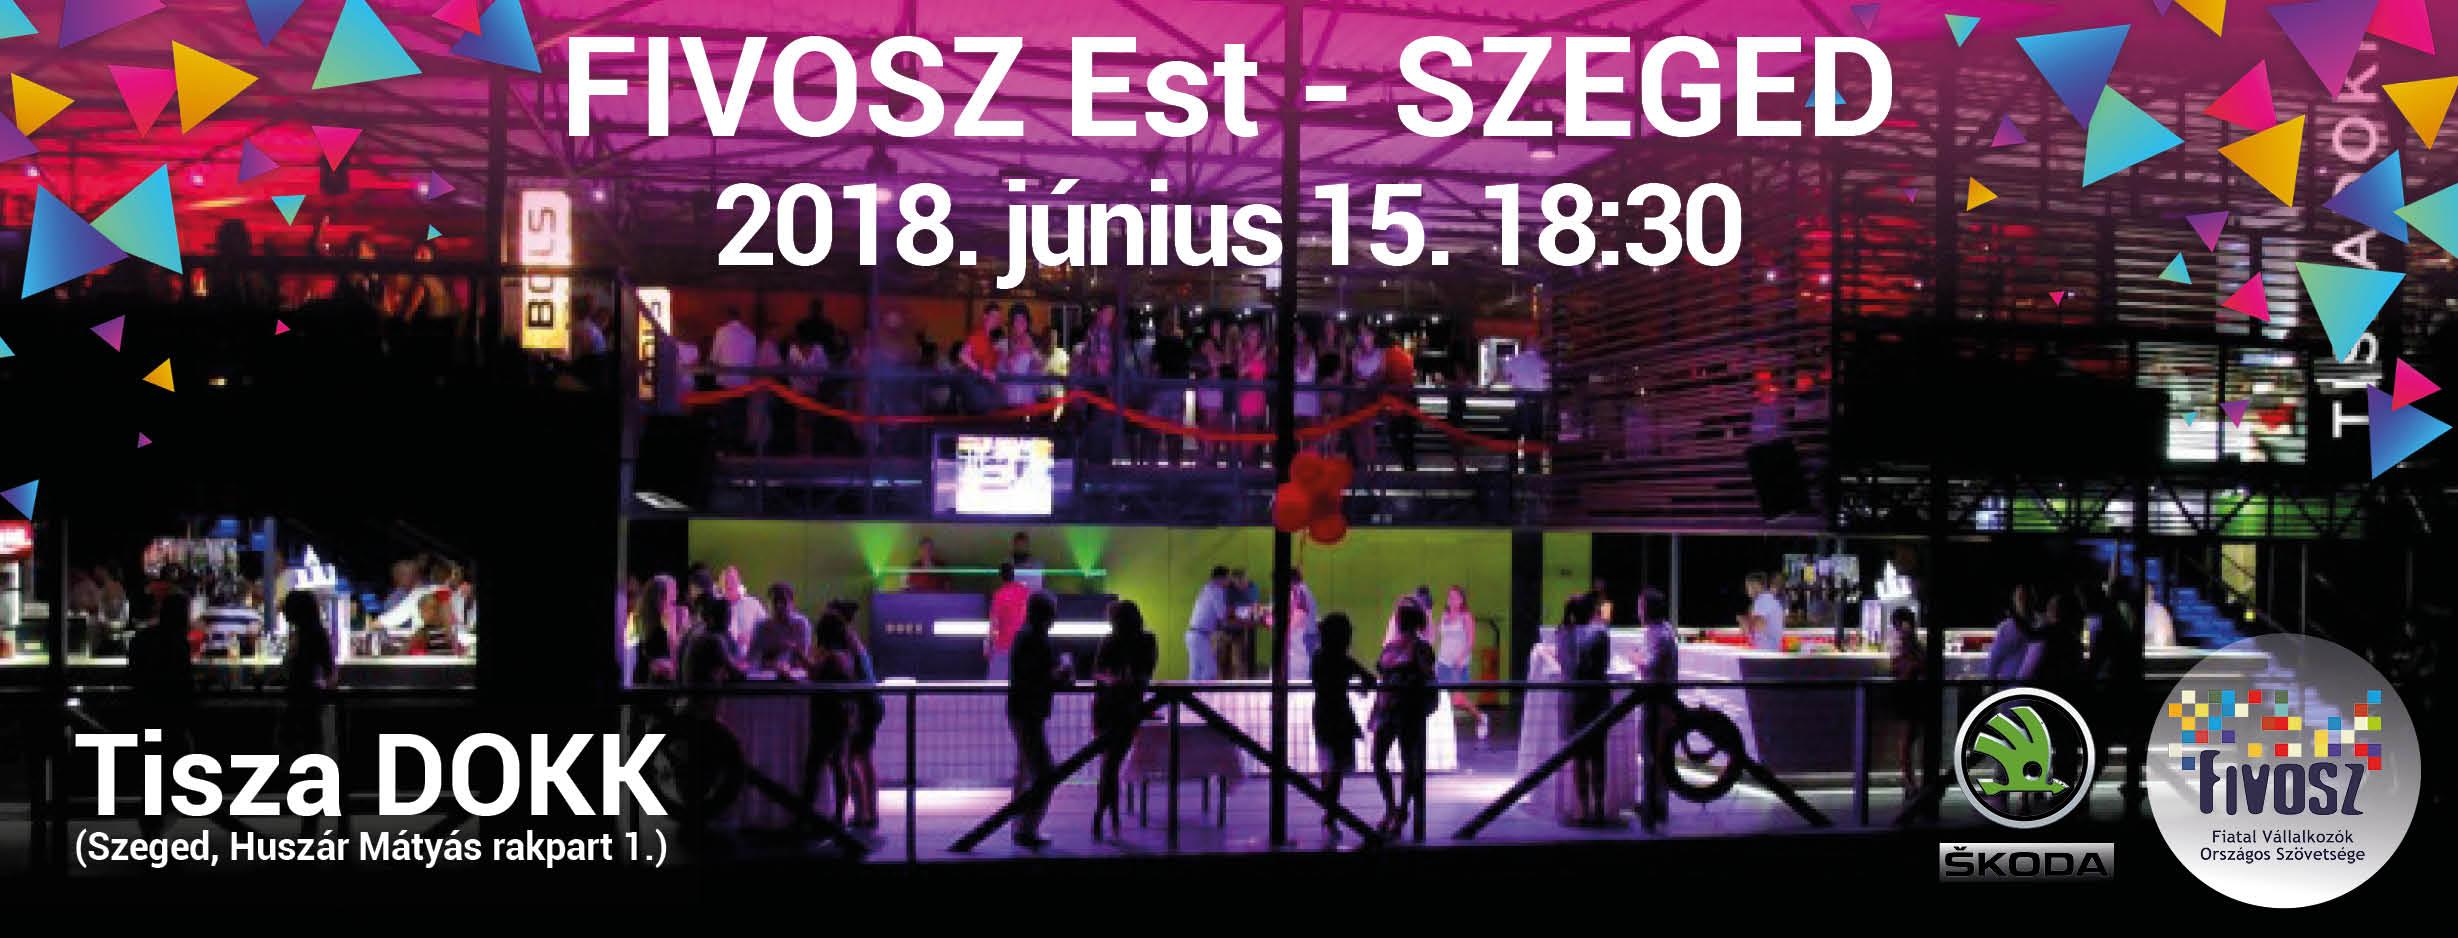 FIVOSZ Est – Szeged – cool fiatal vállalkozókkal